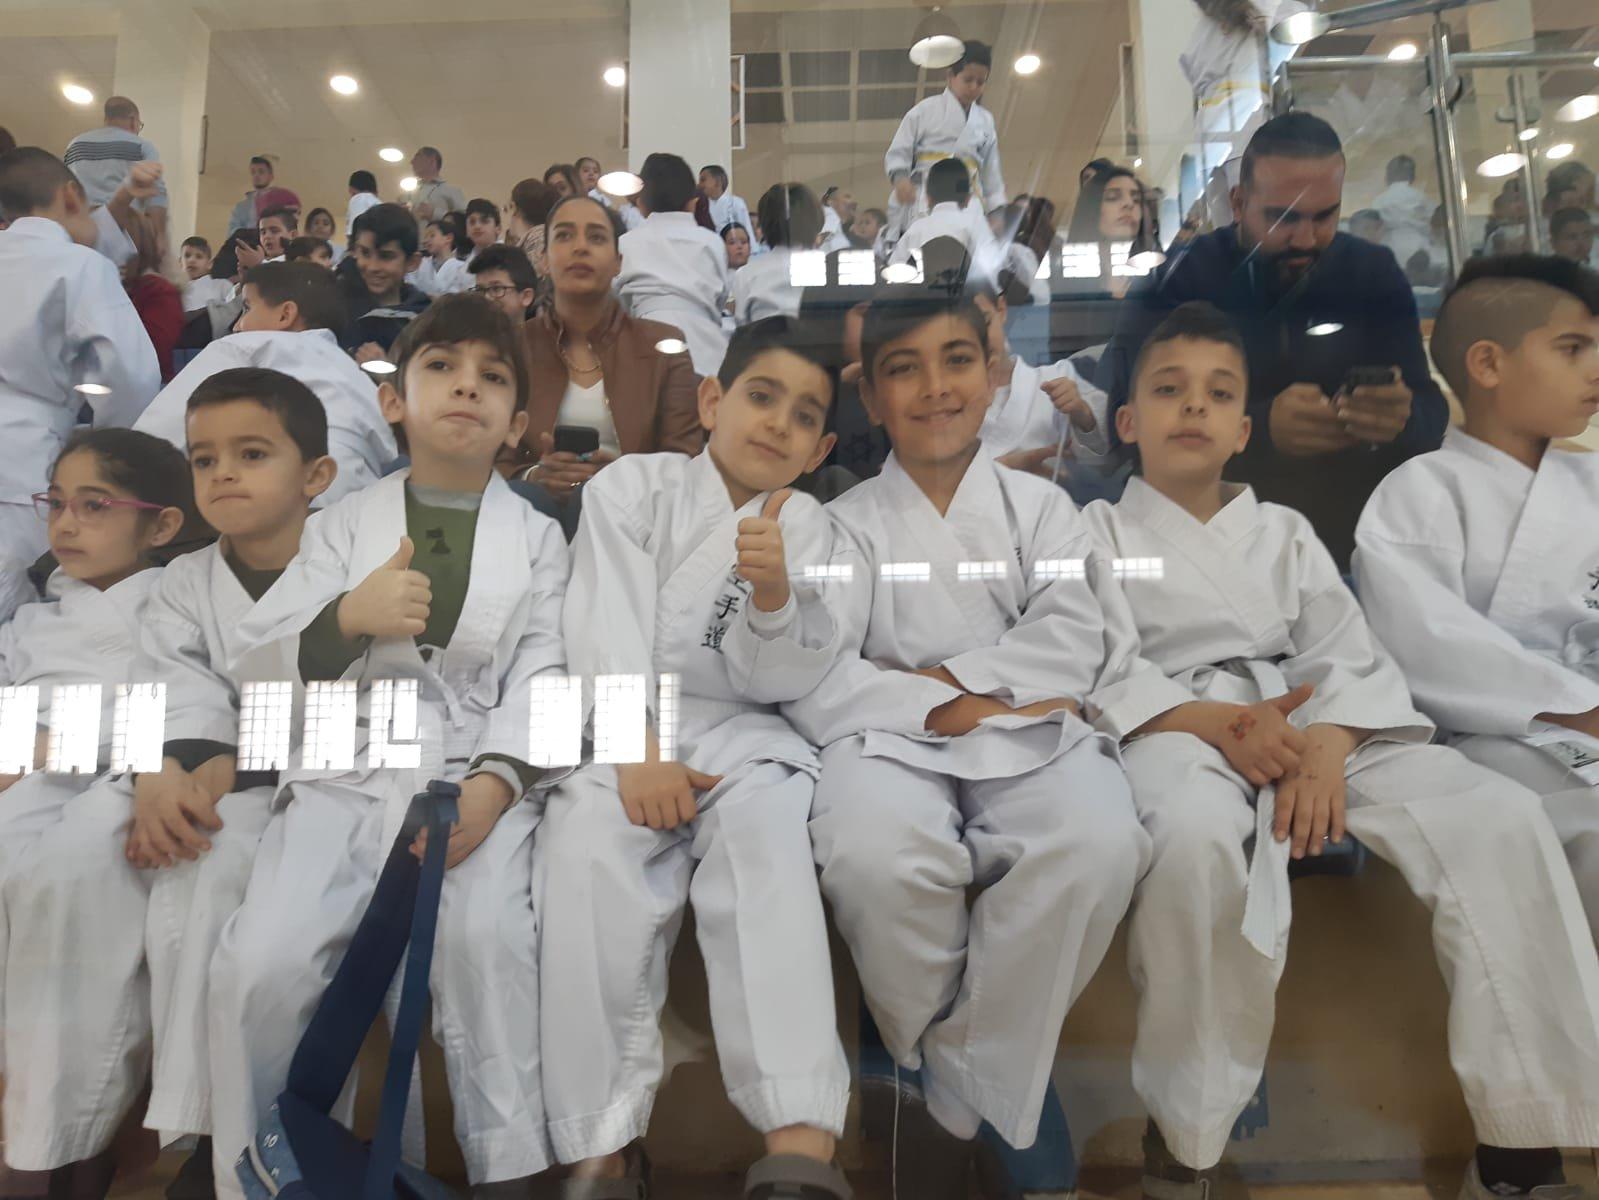 بمشاركة 15 بلدة عربية الجماهيري دير حنا يحتضن بطولة الكاراتيه الأولى